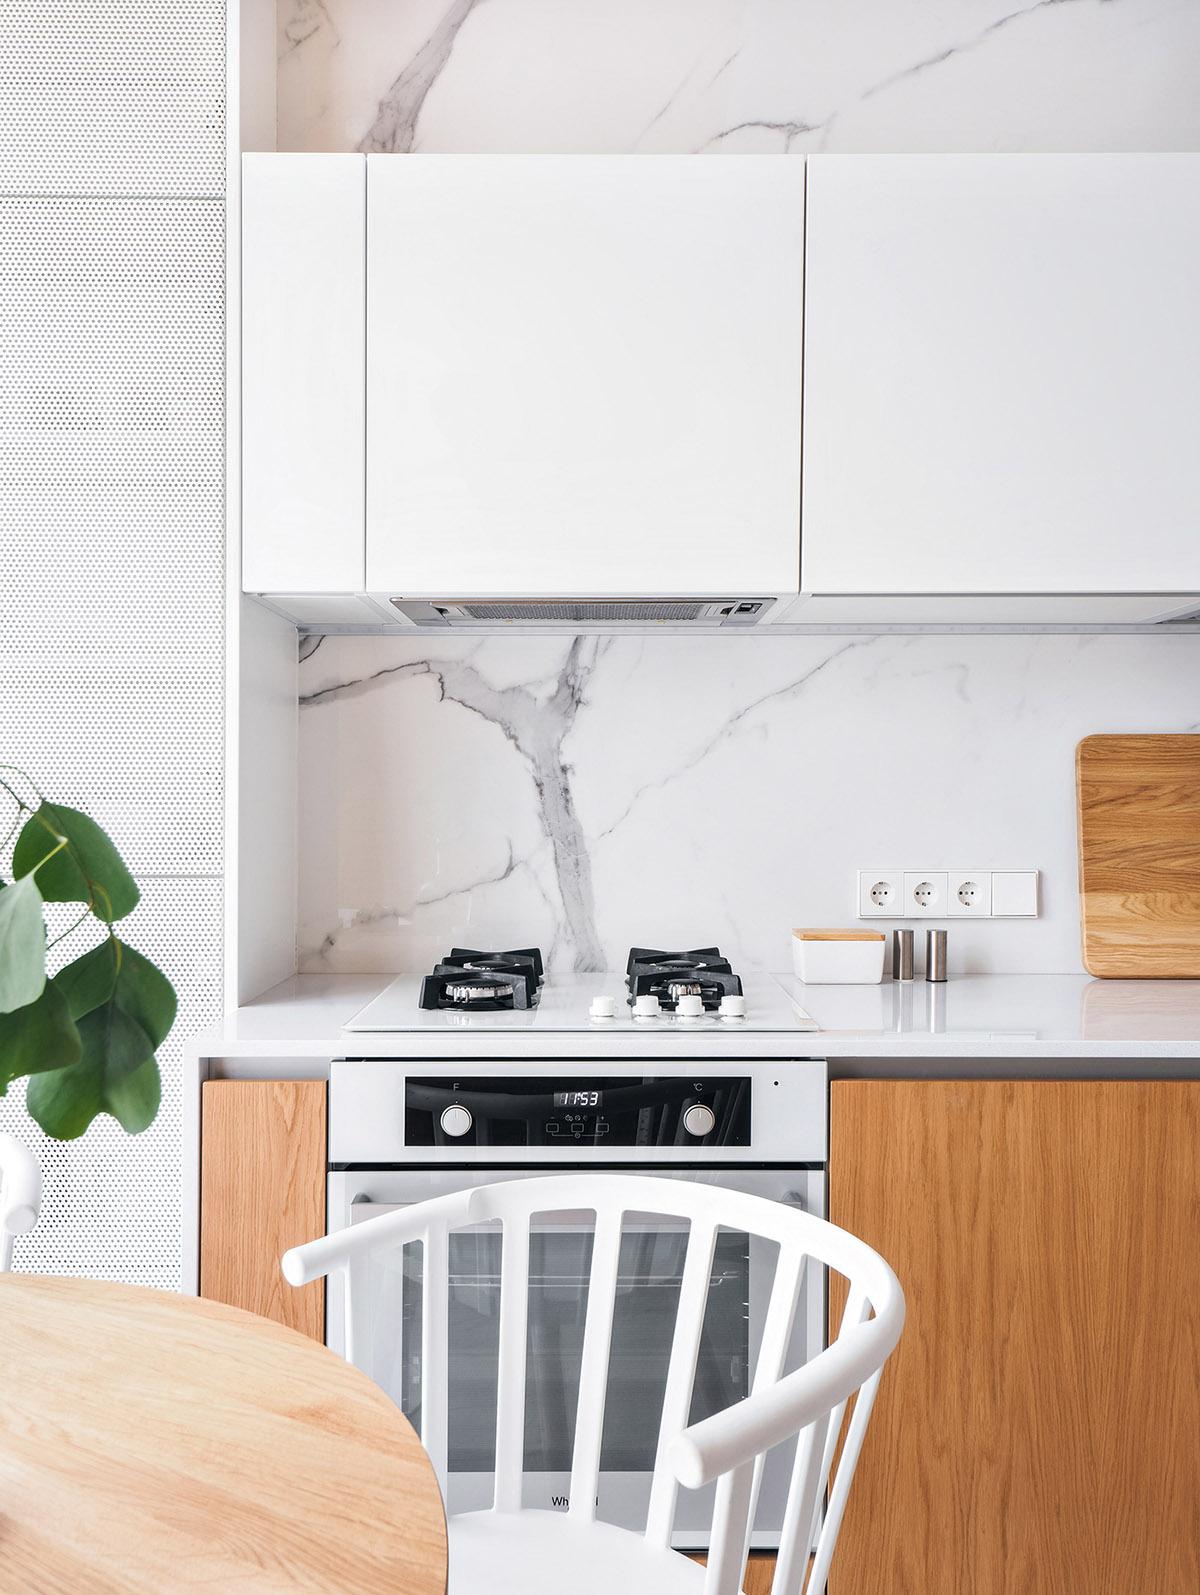 Большие идеи для маленькой квартиры: фотообзор